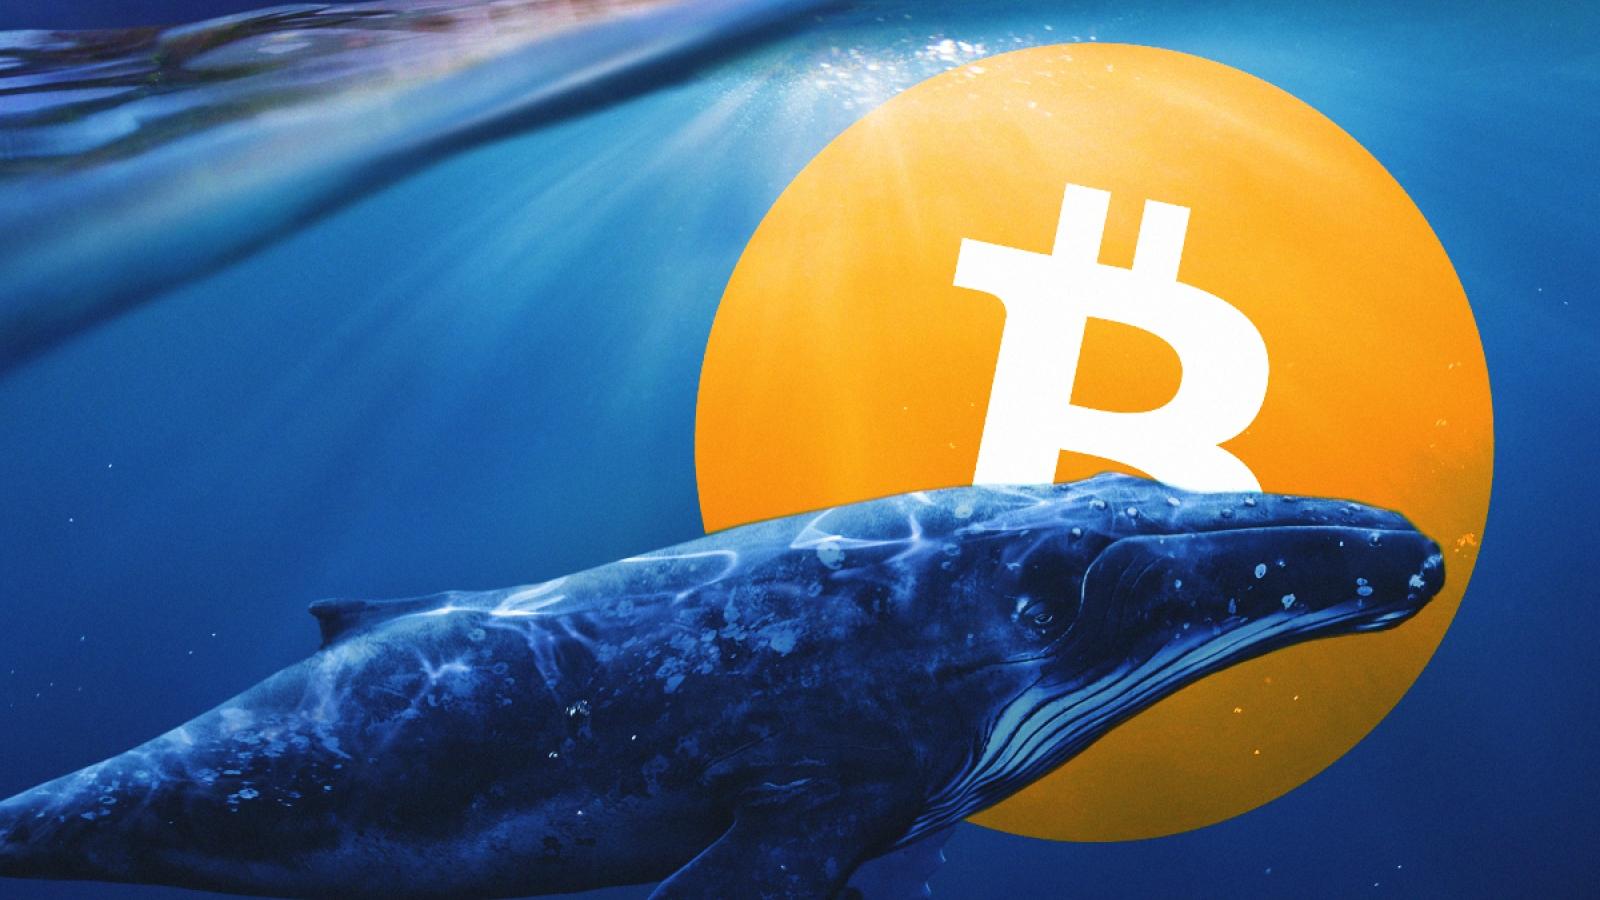 Endişeli Bakışlar Arasında Devasa Balina 1.24 Milyar Dolarlık Bitcoini BTC Taşıdı